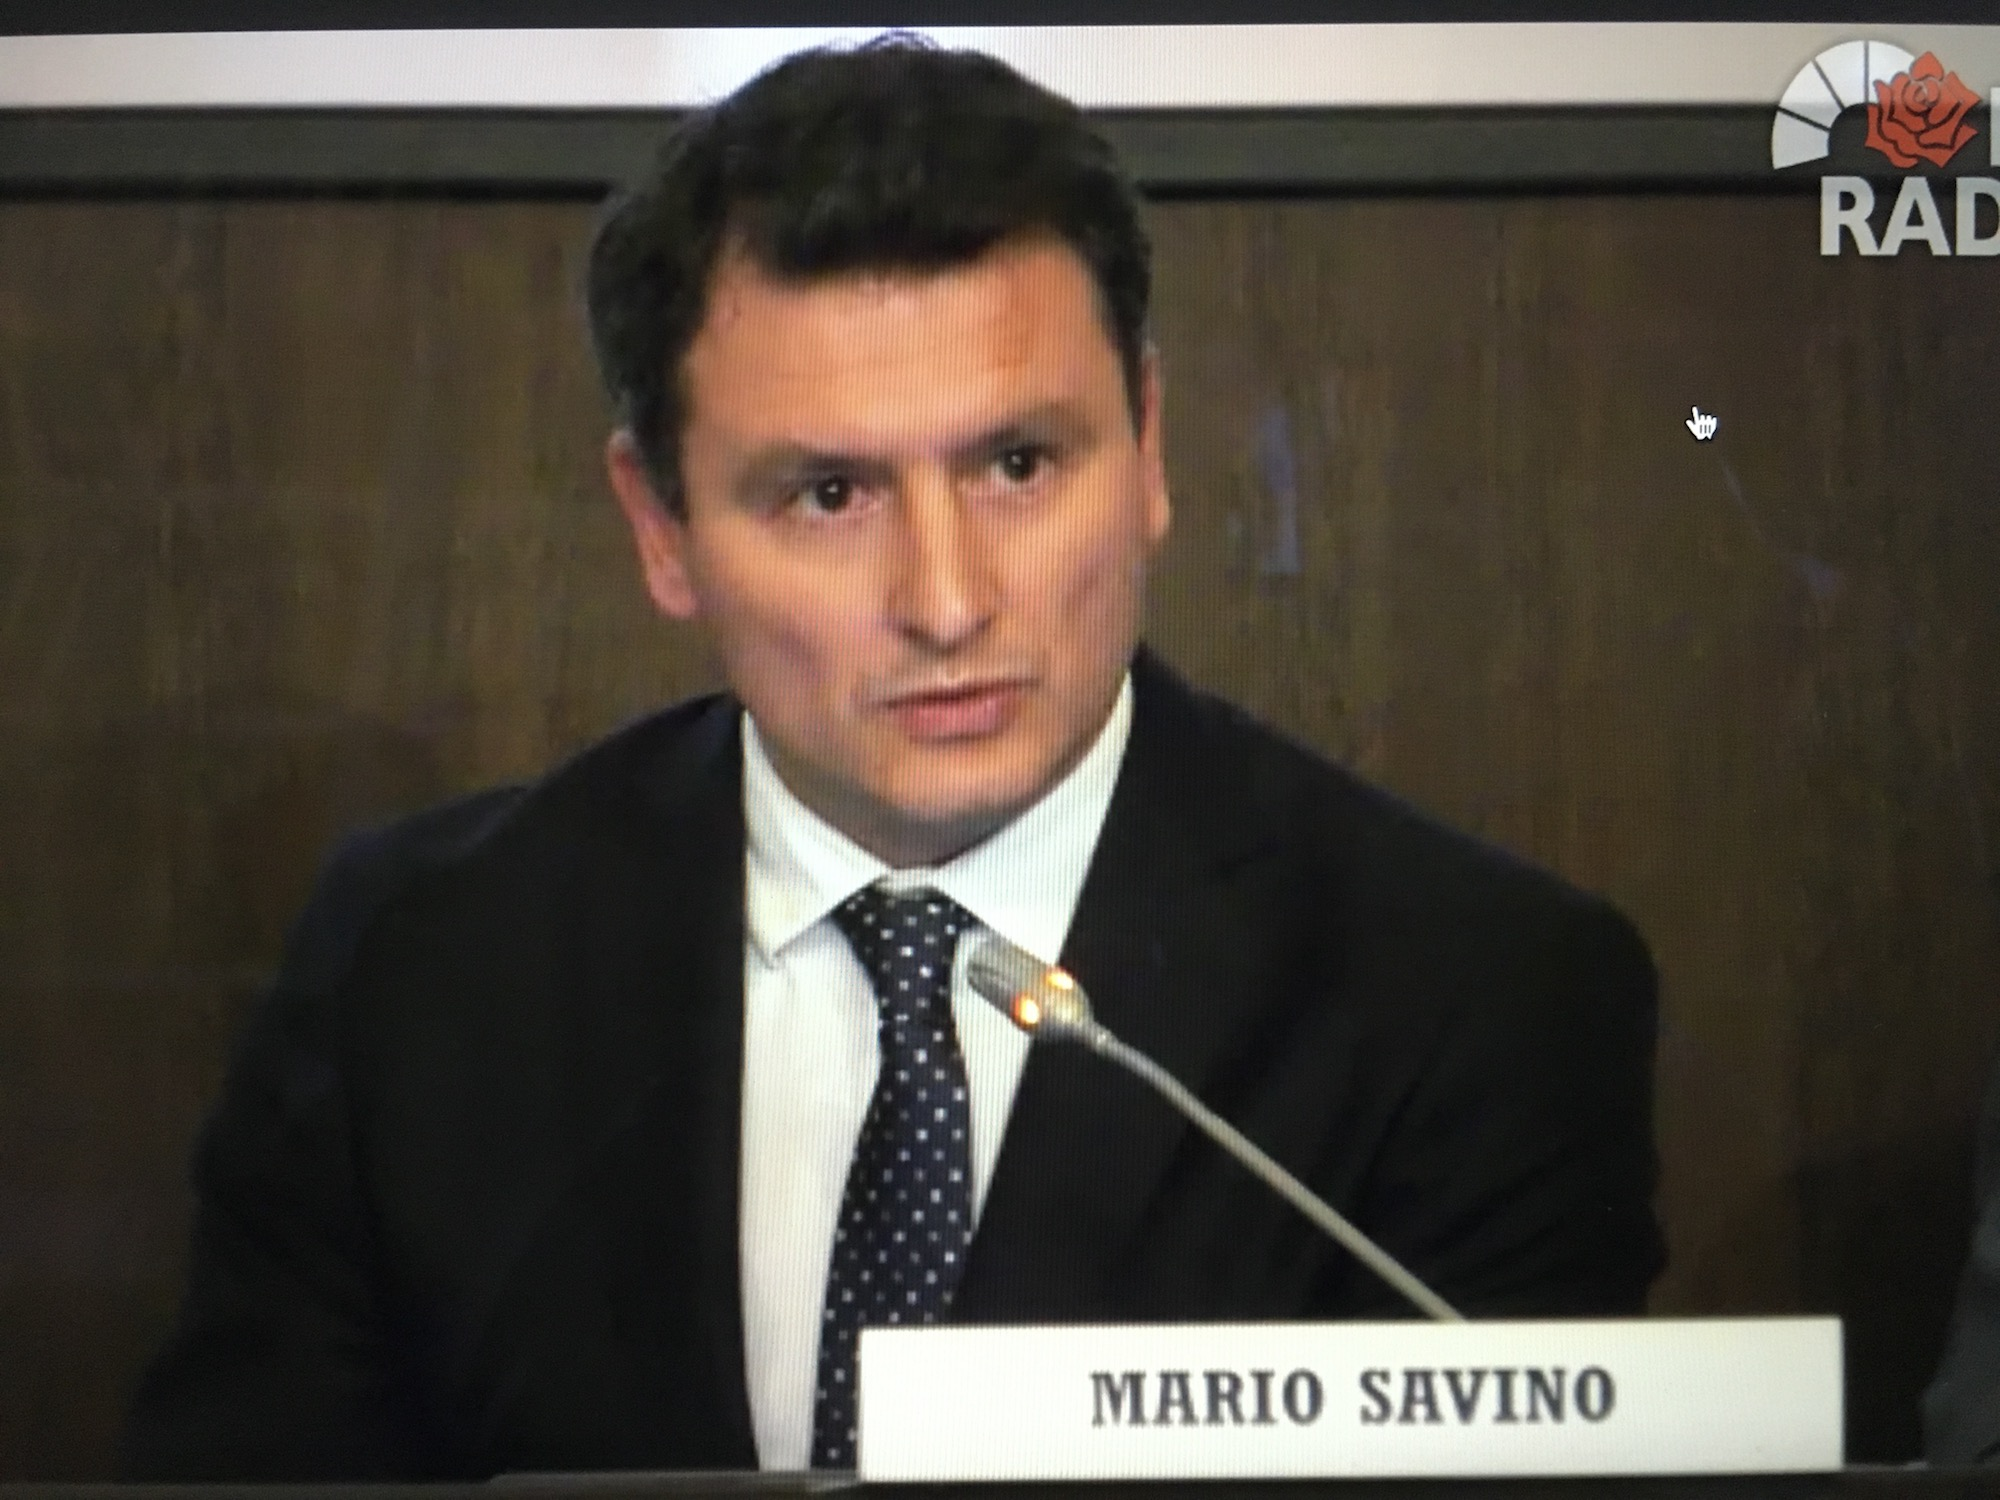 Mario Savino